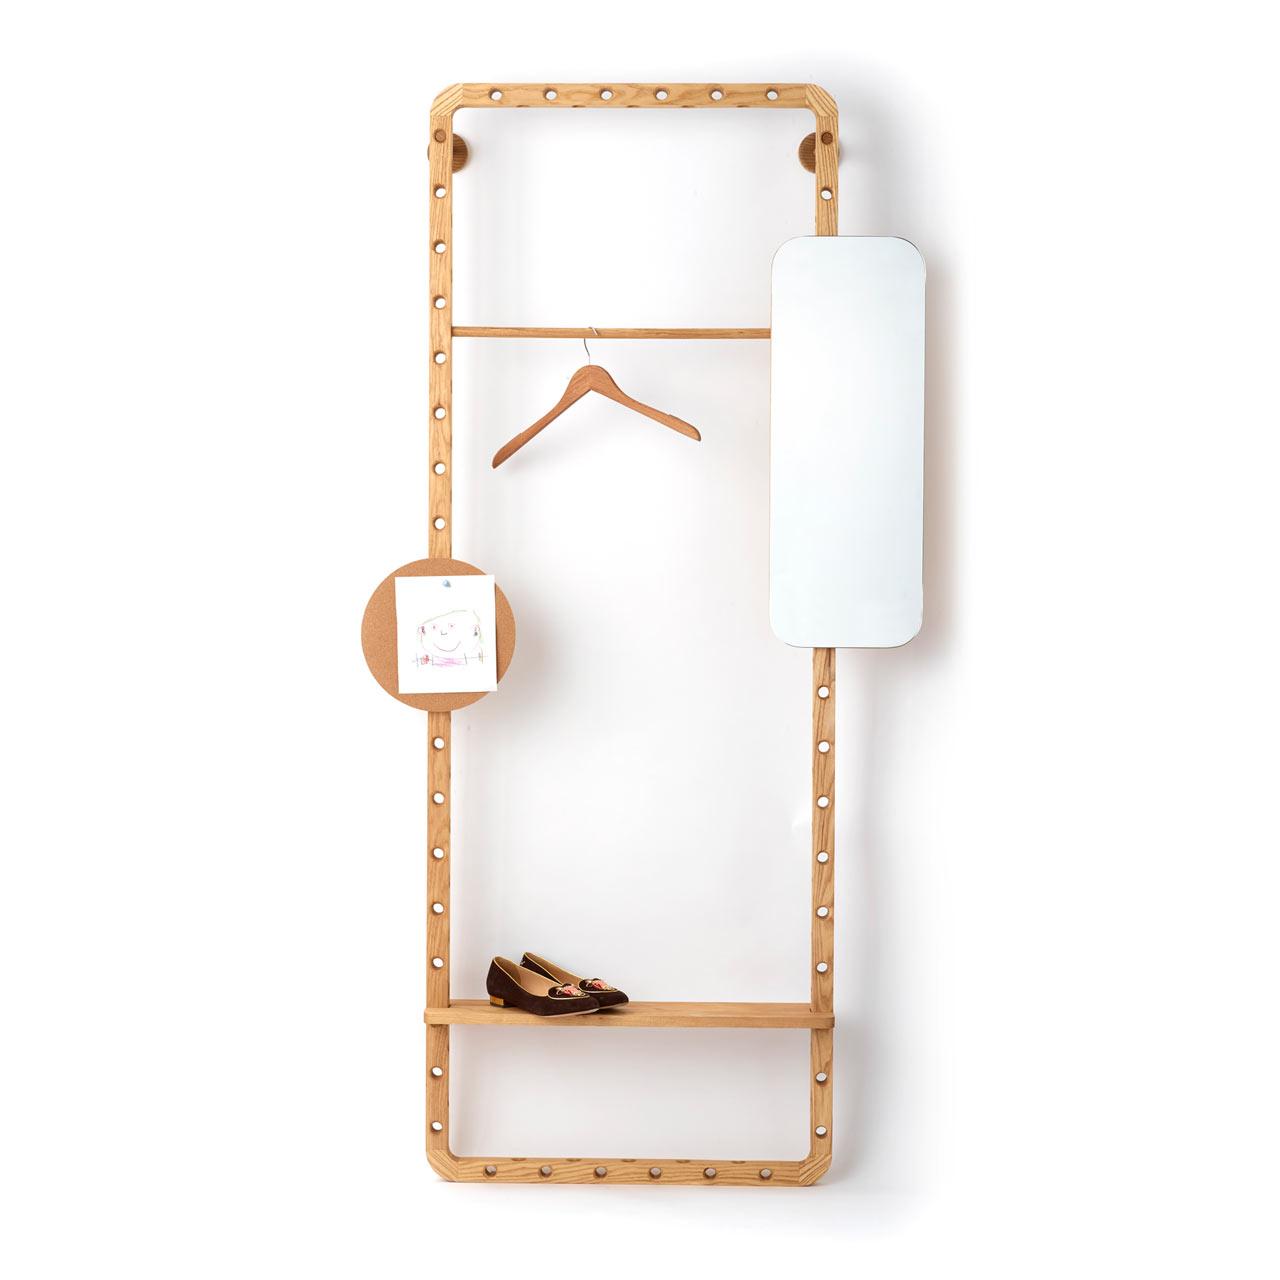 模块化加自助组装:设计师 Leonid Davydov的开放储物架设计